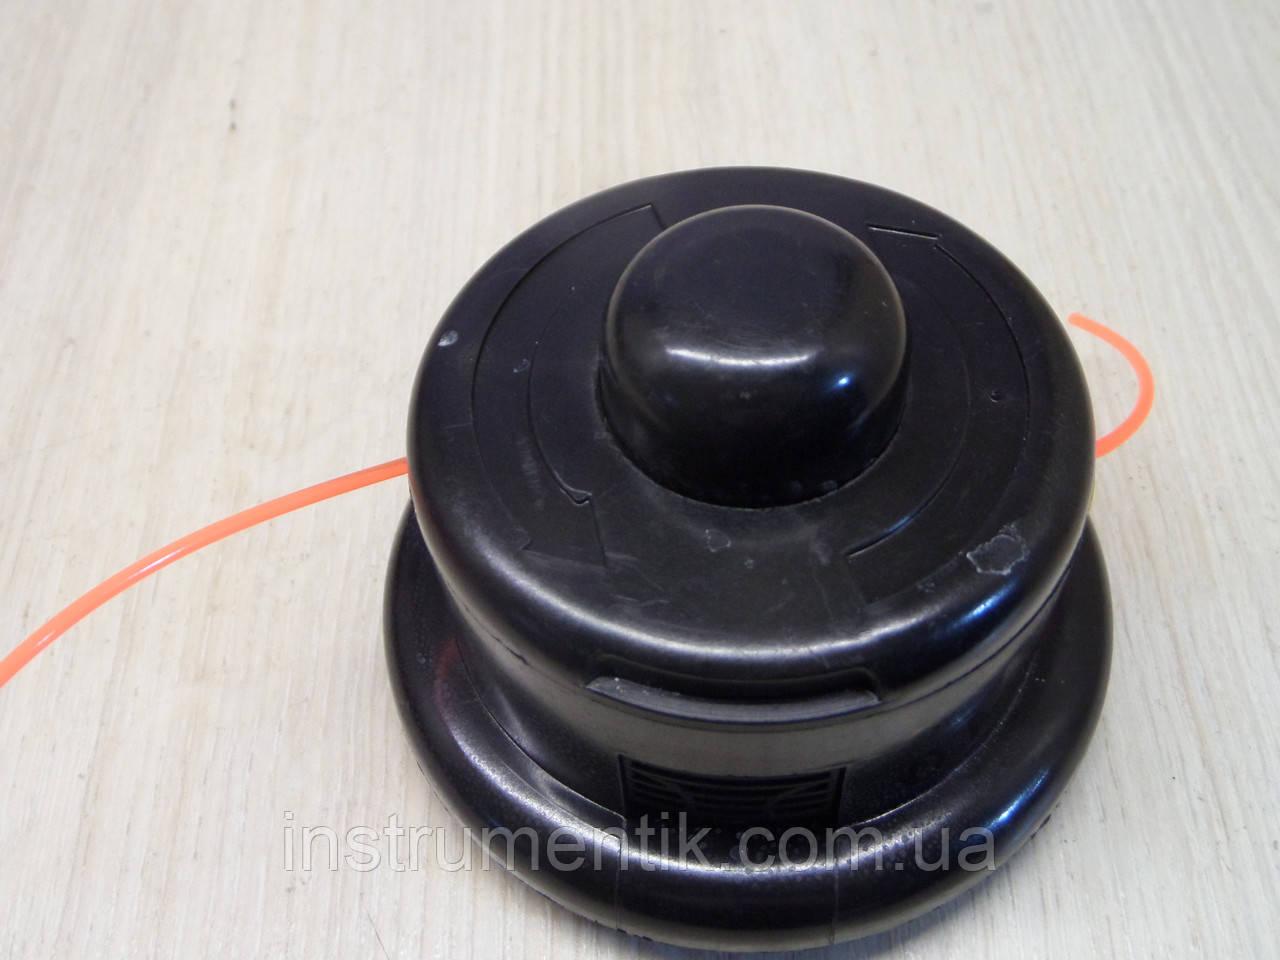 Котушка для електрокоси без носика 7 мм спідниця